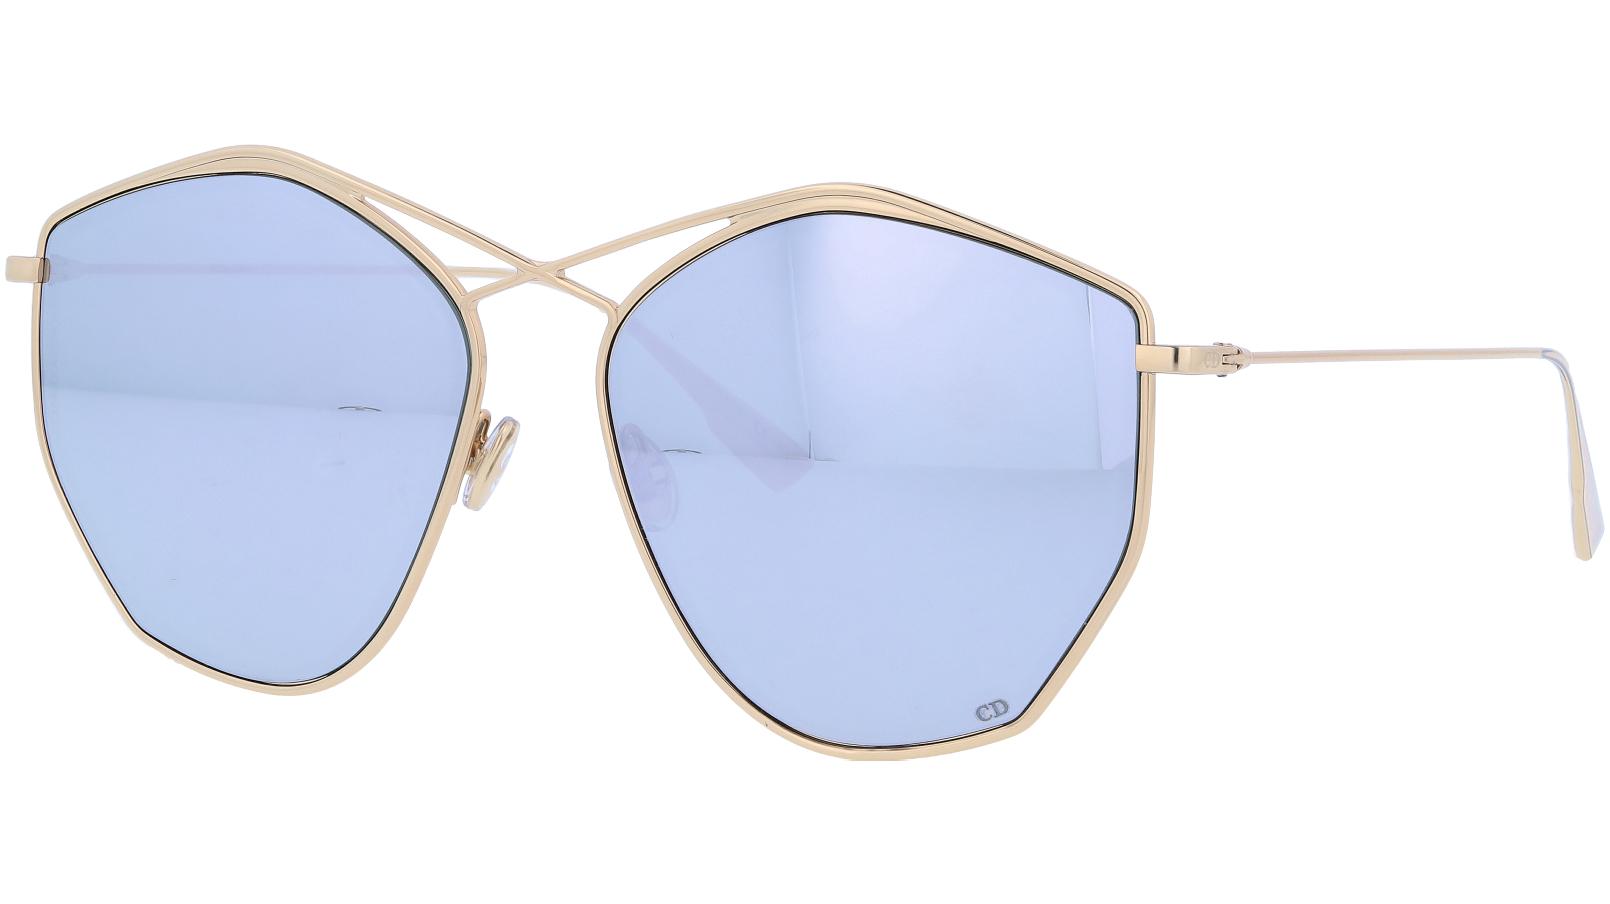 DIOR DIORSTELLAIRE4 J5GDC 59 GOLD Sunglasses